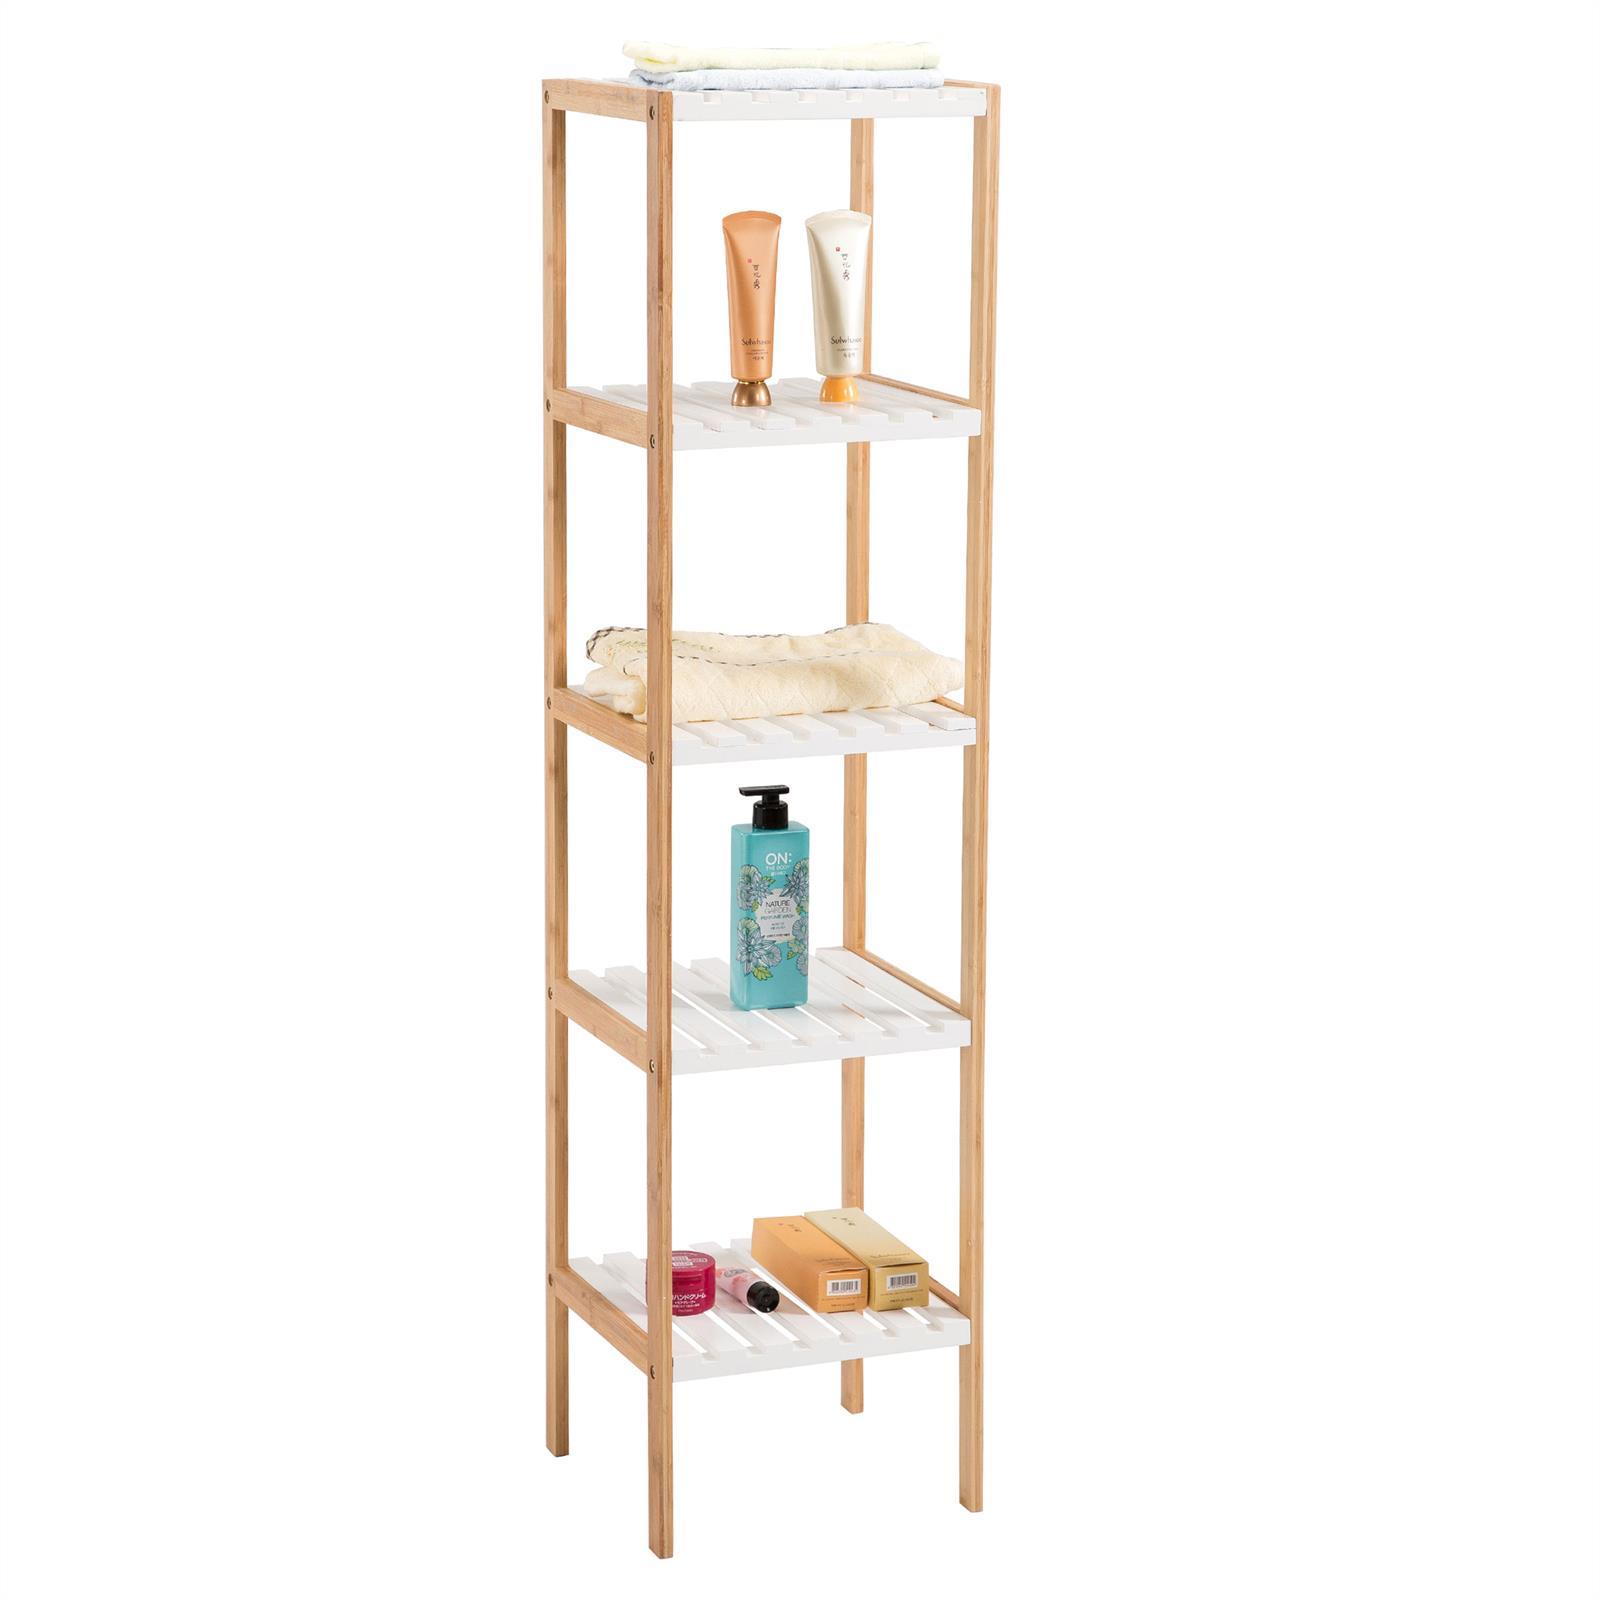 etag re de salle de bain sur pied blaine 5 tablettes en. Black Bedroom Furniture Sets. Home Design Ideas